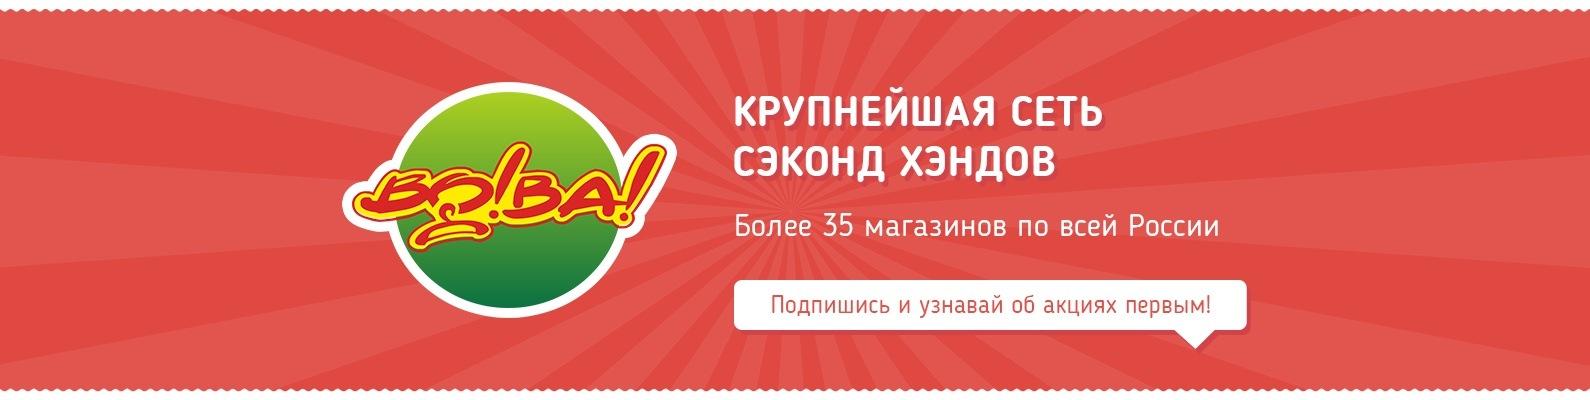 7cdf8f4dc45fa Супермаркеты одежды «ВО!ВА!» Скидки 10-50% | ВКонтакте